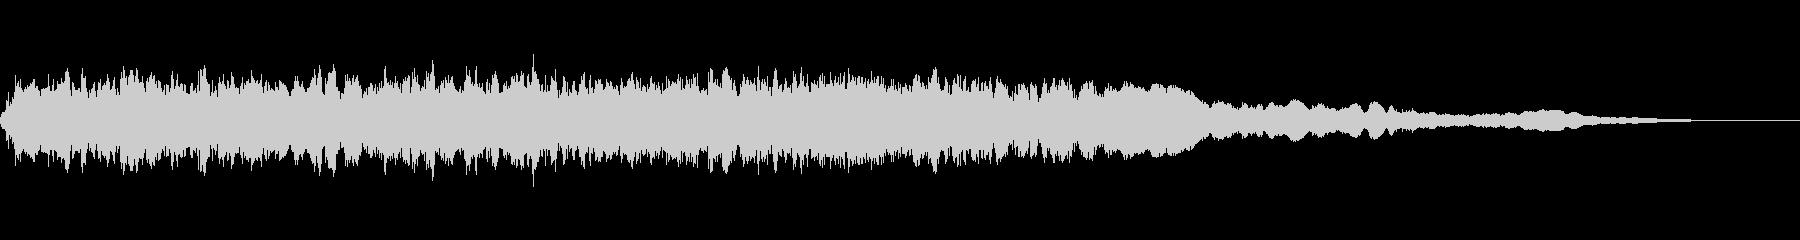 VAN WHAILER BRIGH...の未再生の波形